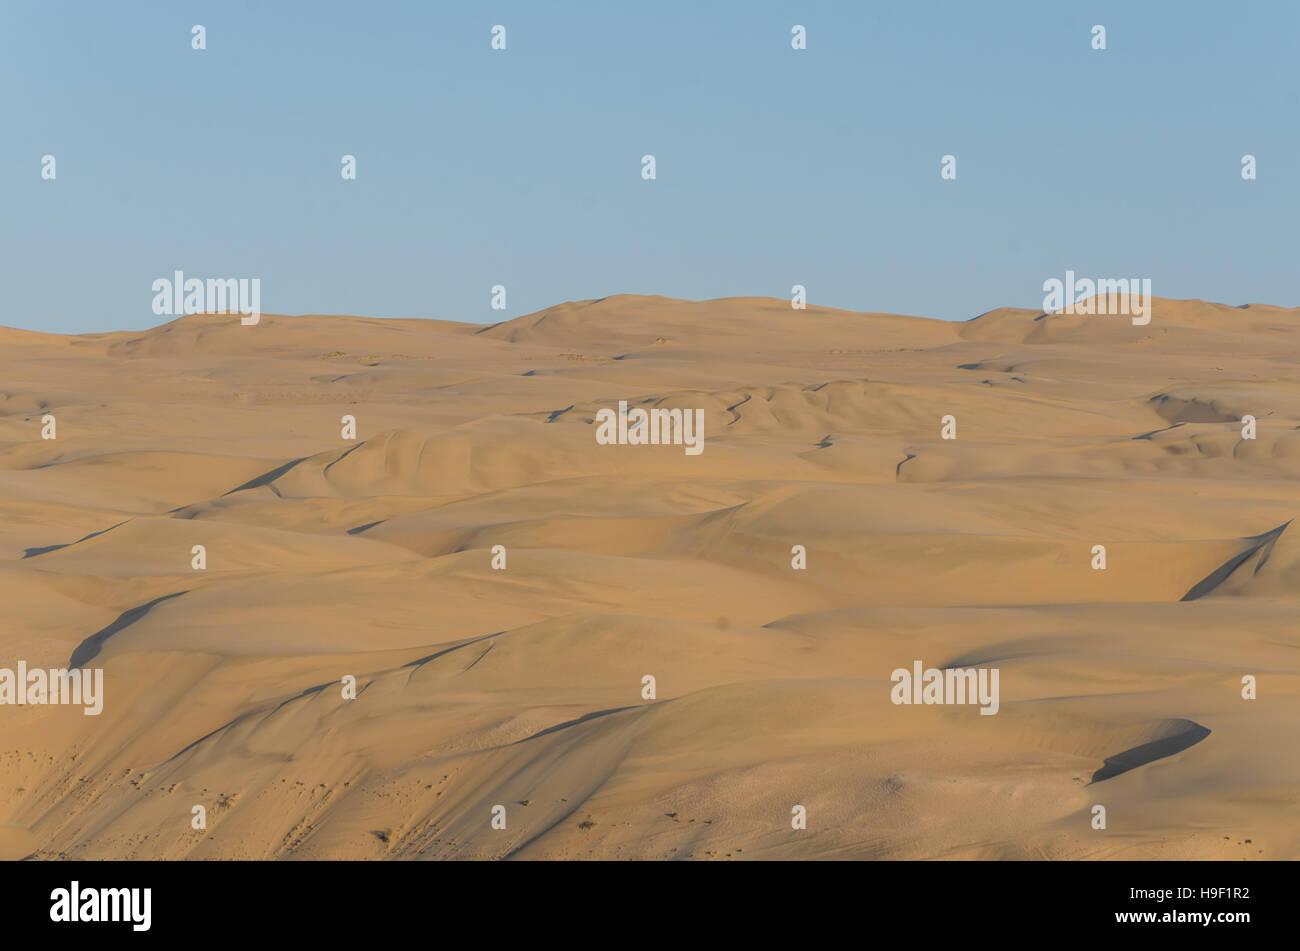 Impressive towering Namib Desert sand dunes of Angola and Namibia - Stock Image